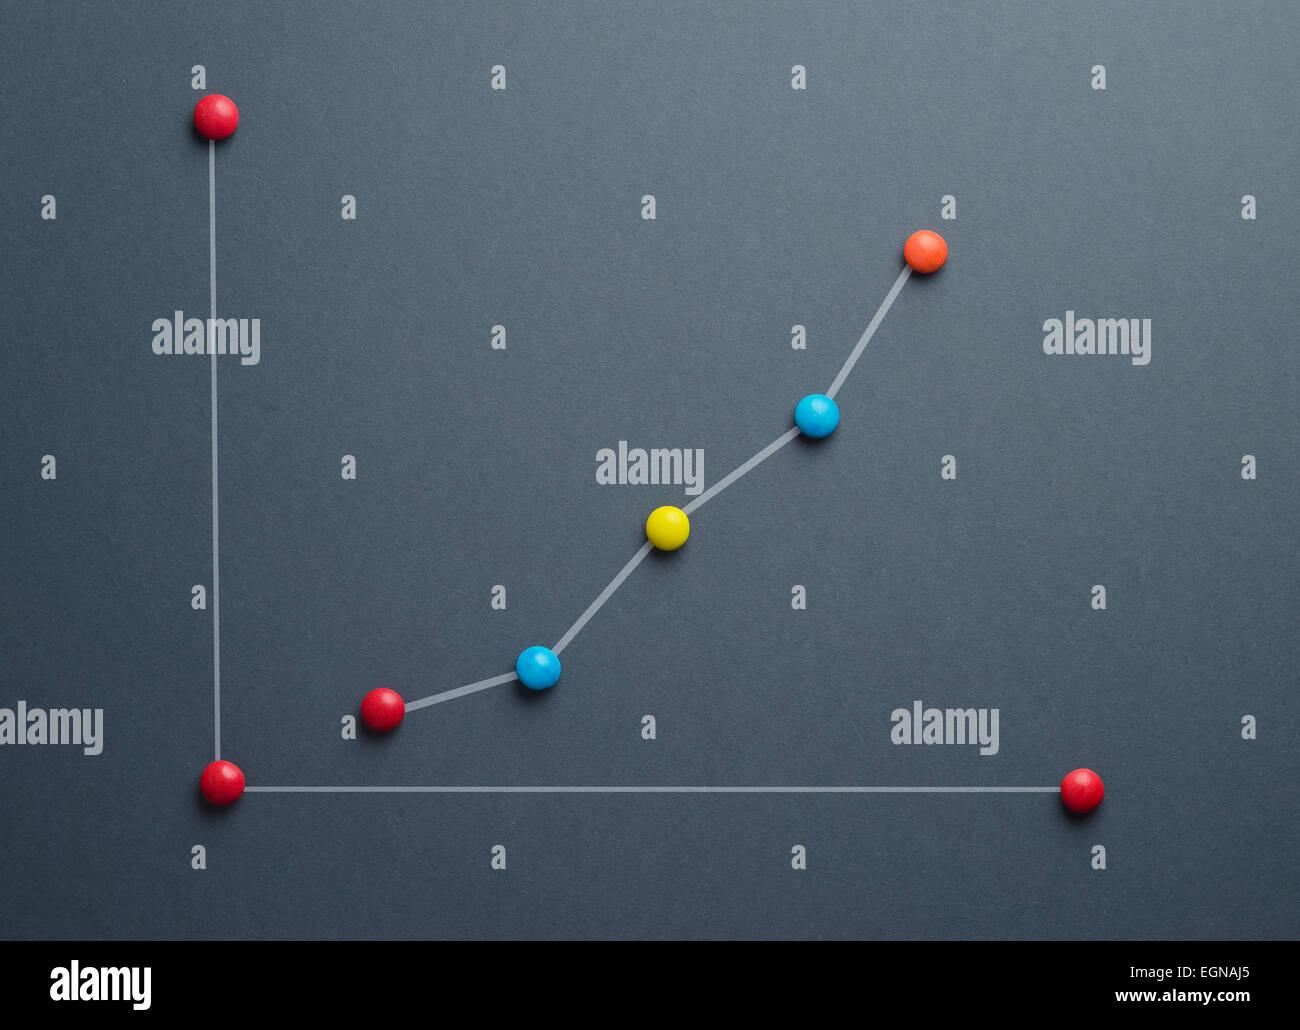 Crescita concetto grafico fatto di colorate a forma di pulsante di caramelle su sfondo blu scuro. Questa immagine Immagini Stock